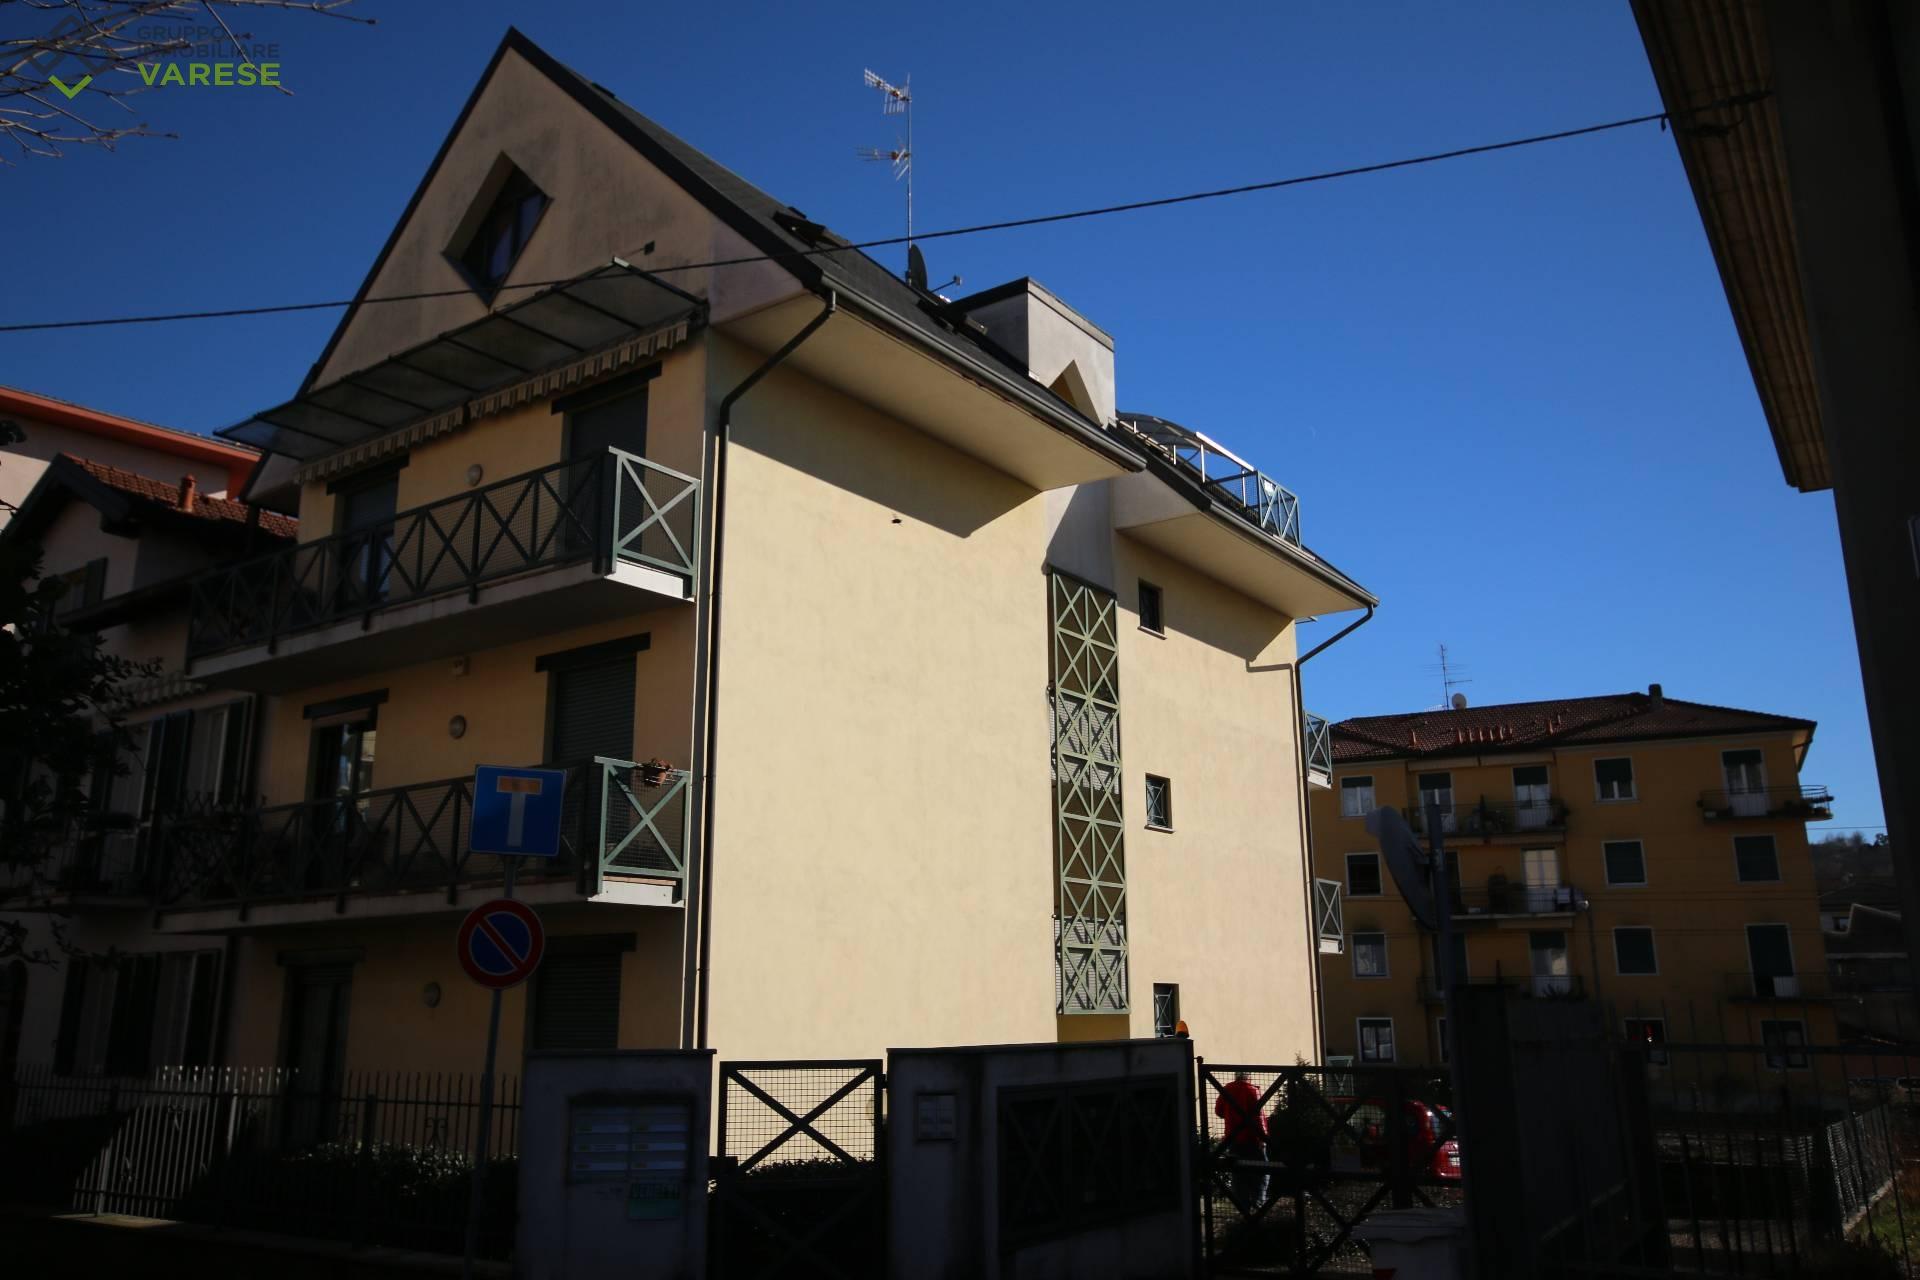 Appartamento in vendita a Gazzada Schianno, 1 locali, zona Zona: Gazzada, prezzo € 69.000 | CambioCasa.it